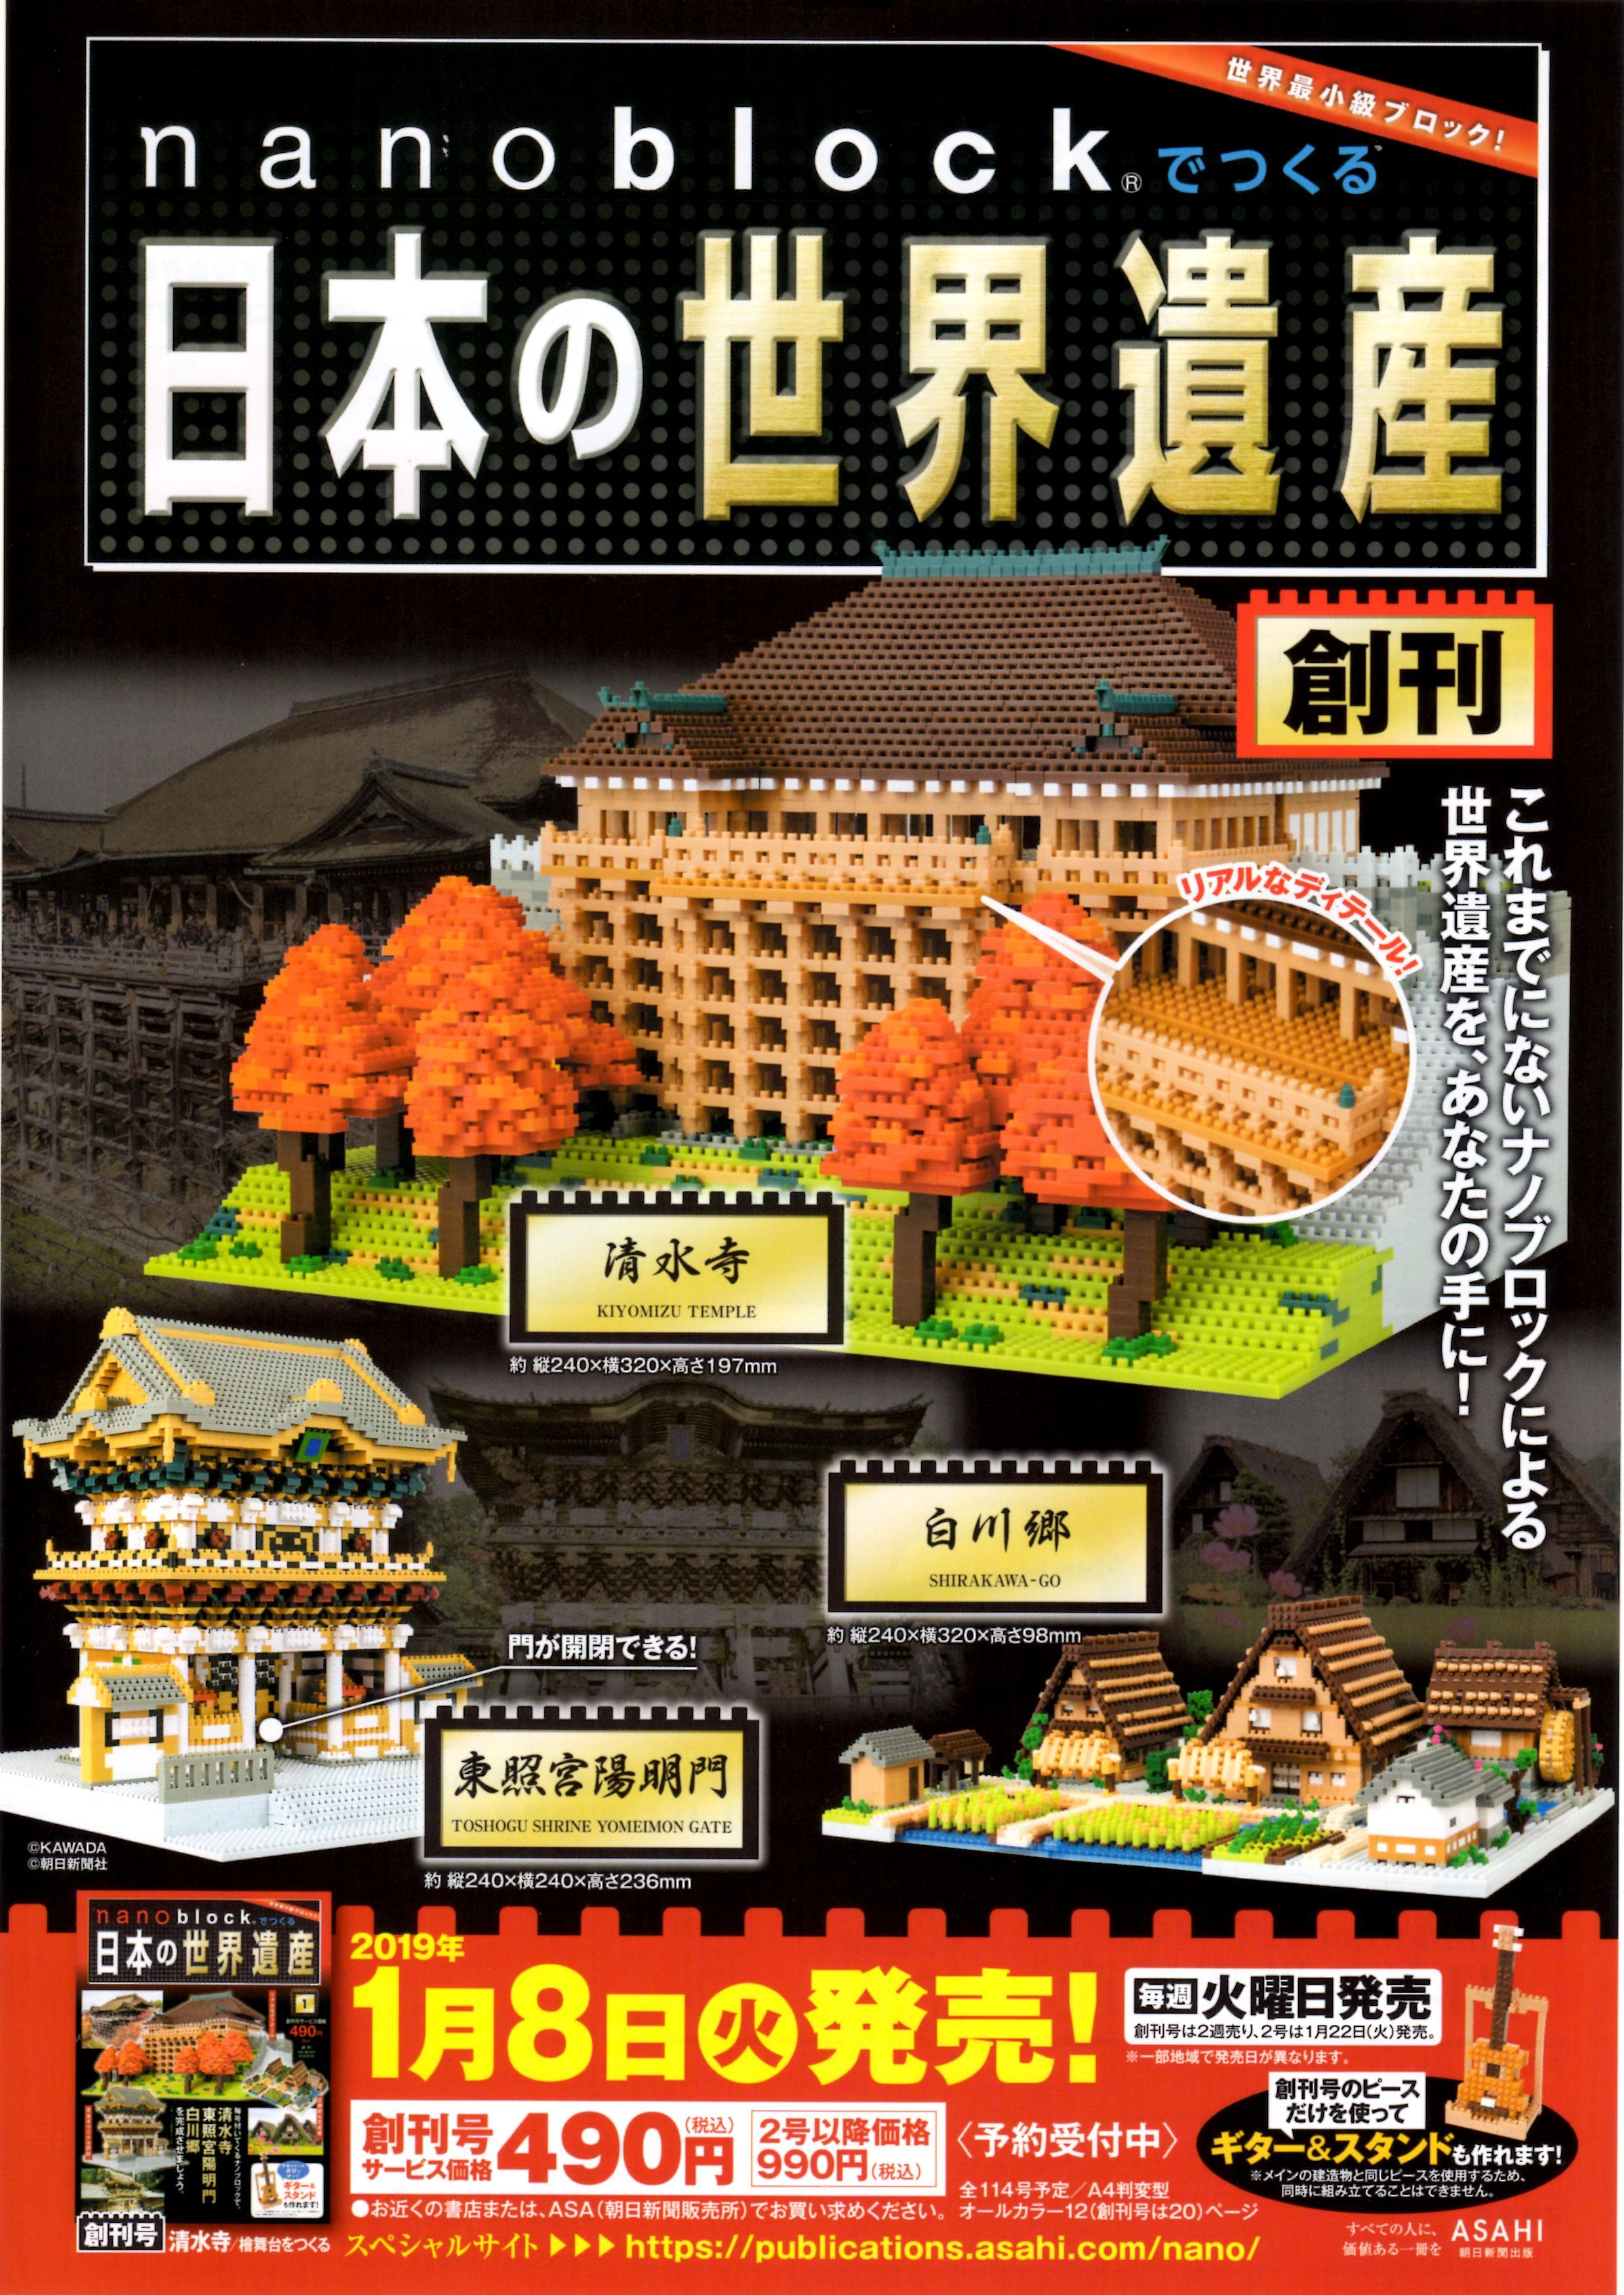 2019年1月創刊!nanoblock®でつくる日本の世界遺産のイメージ